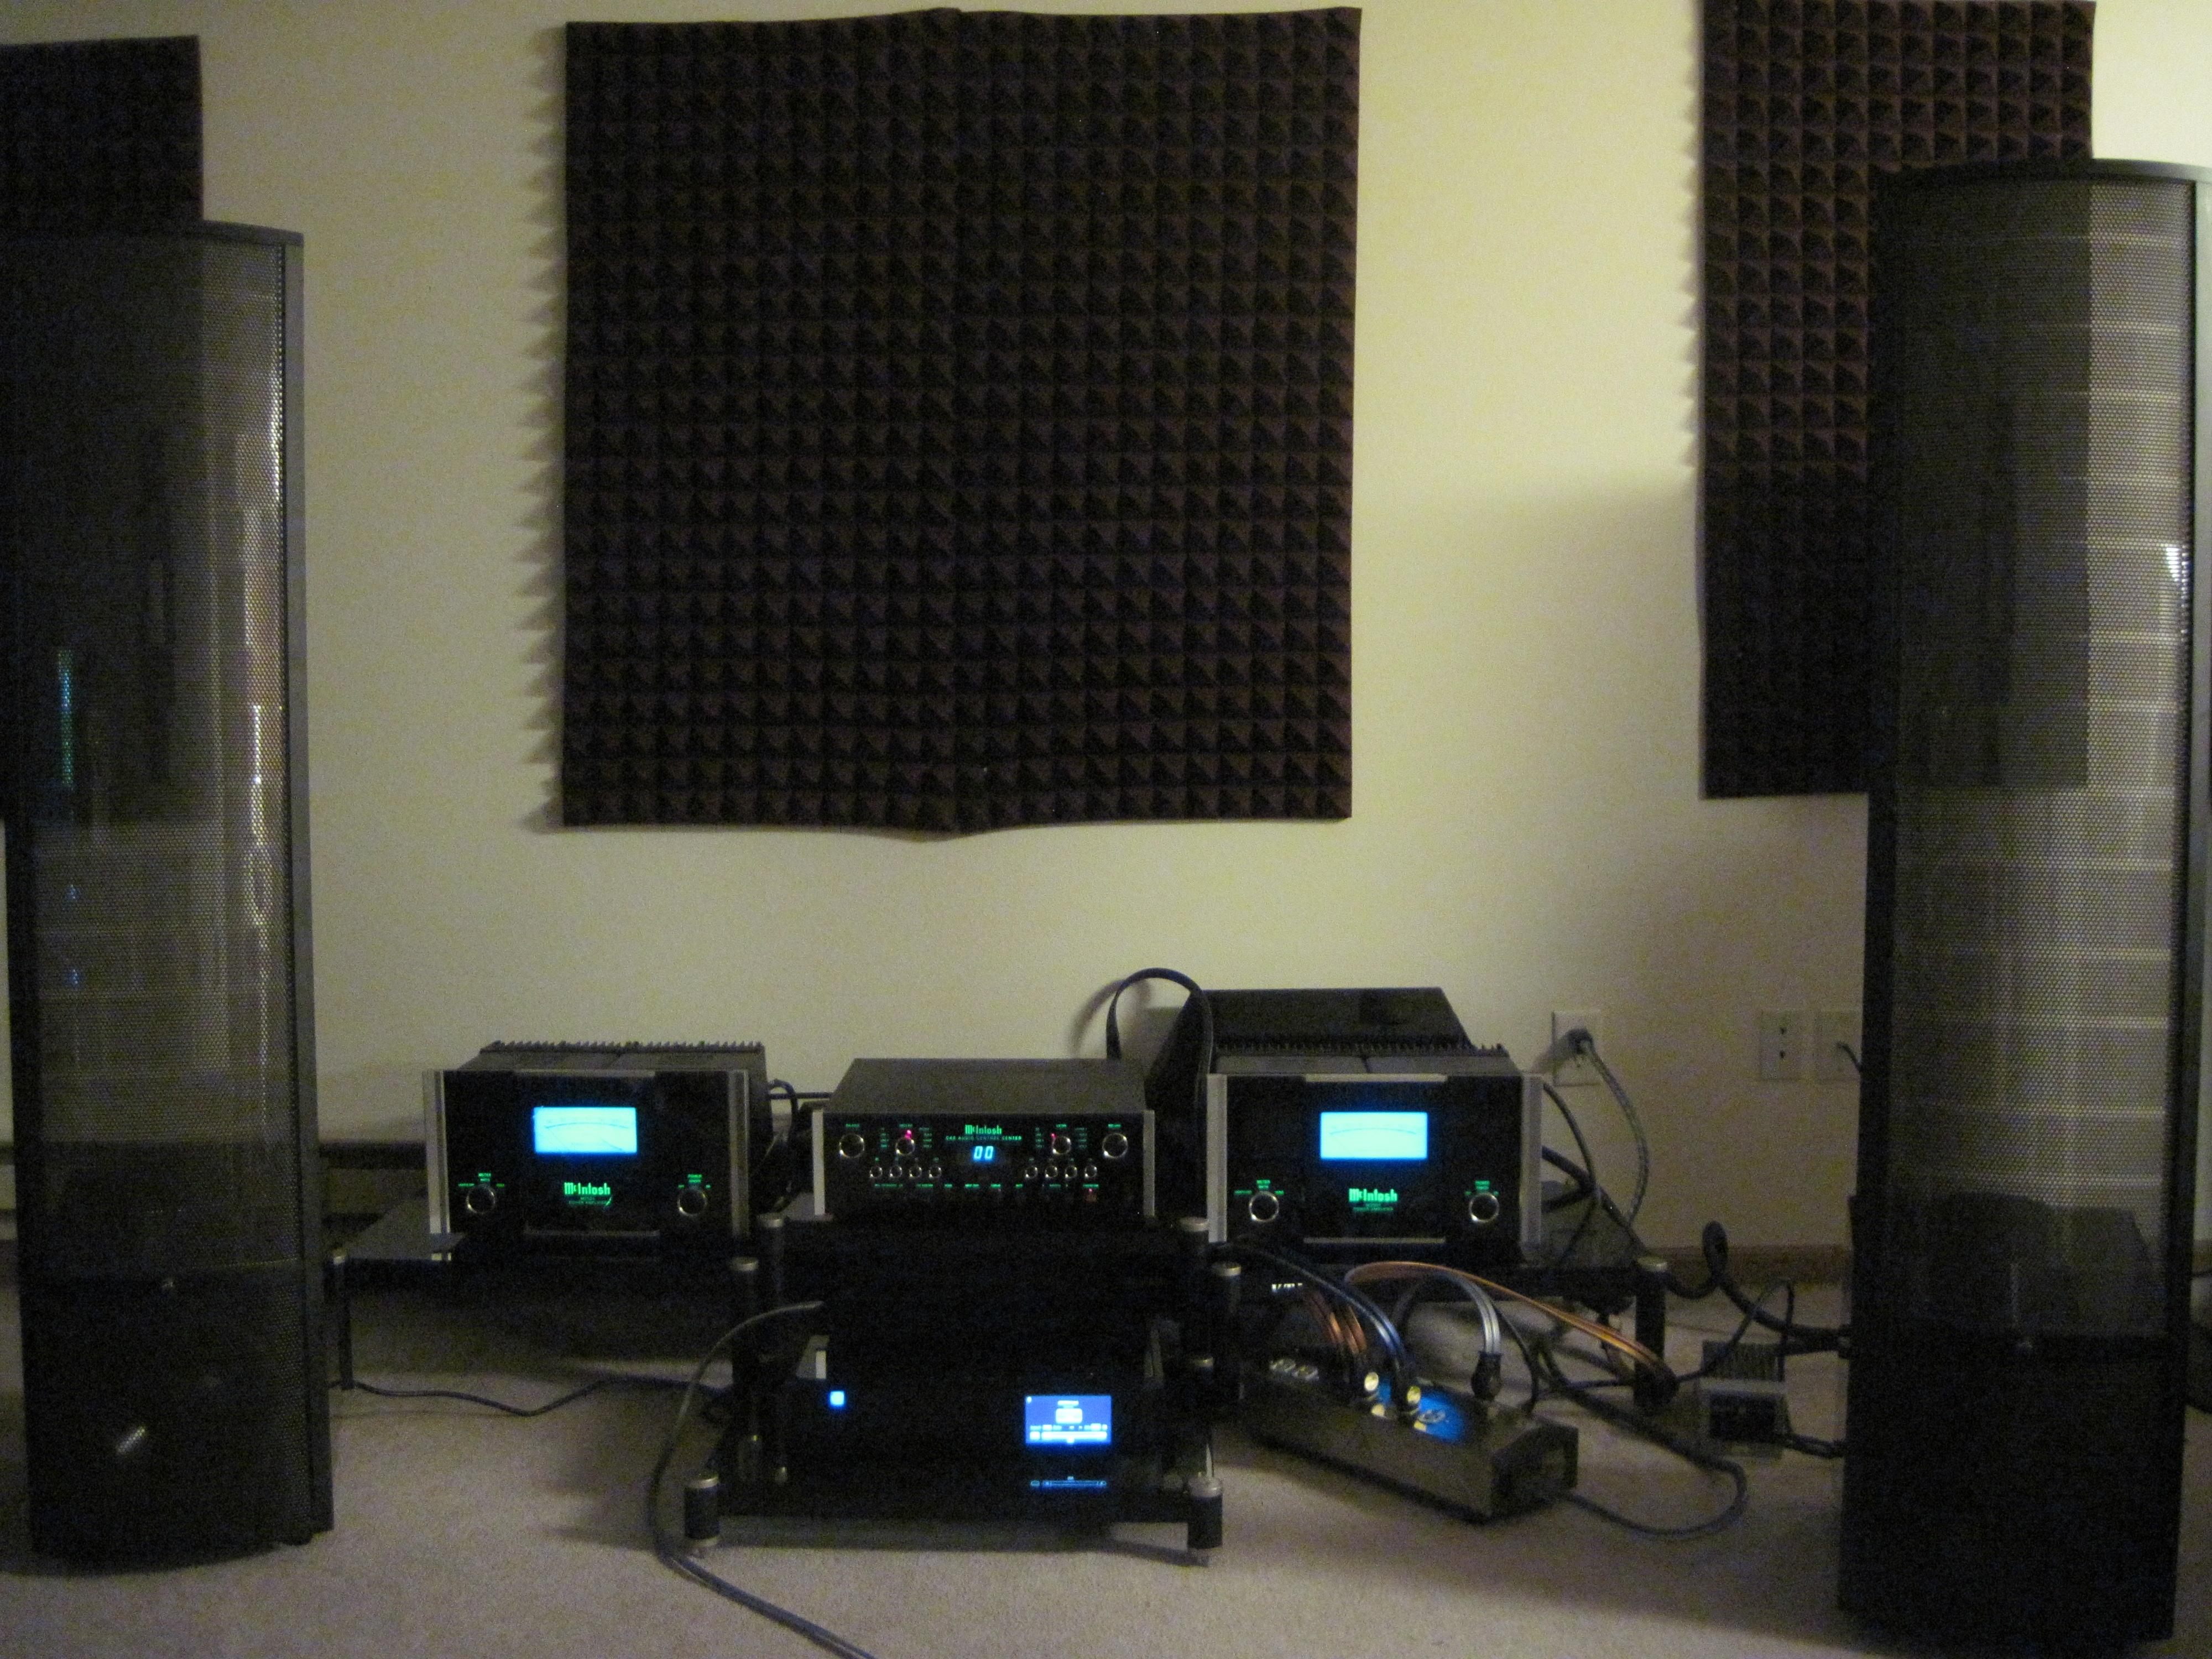 logan bw martin full bookcases shelves size speakers good storages vs motion damn bookshelf